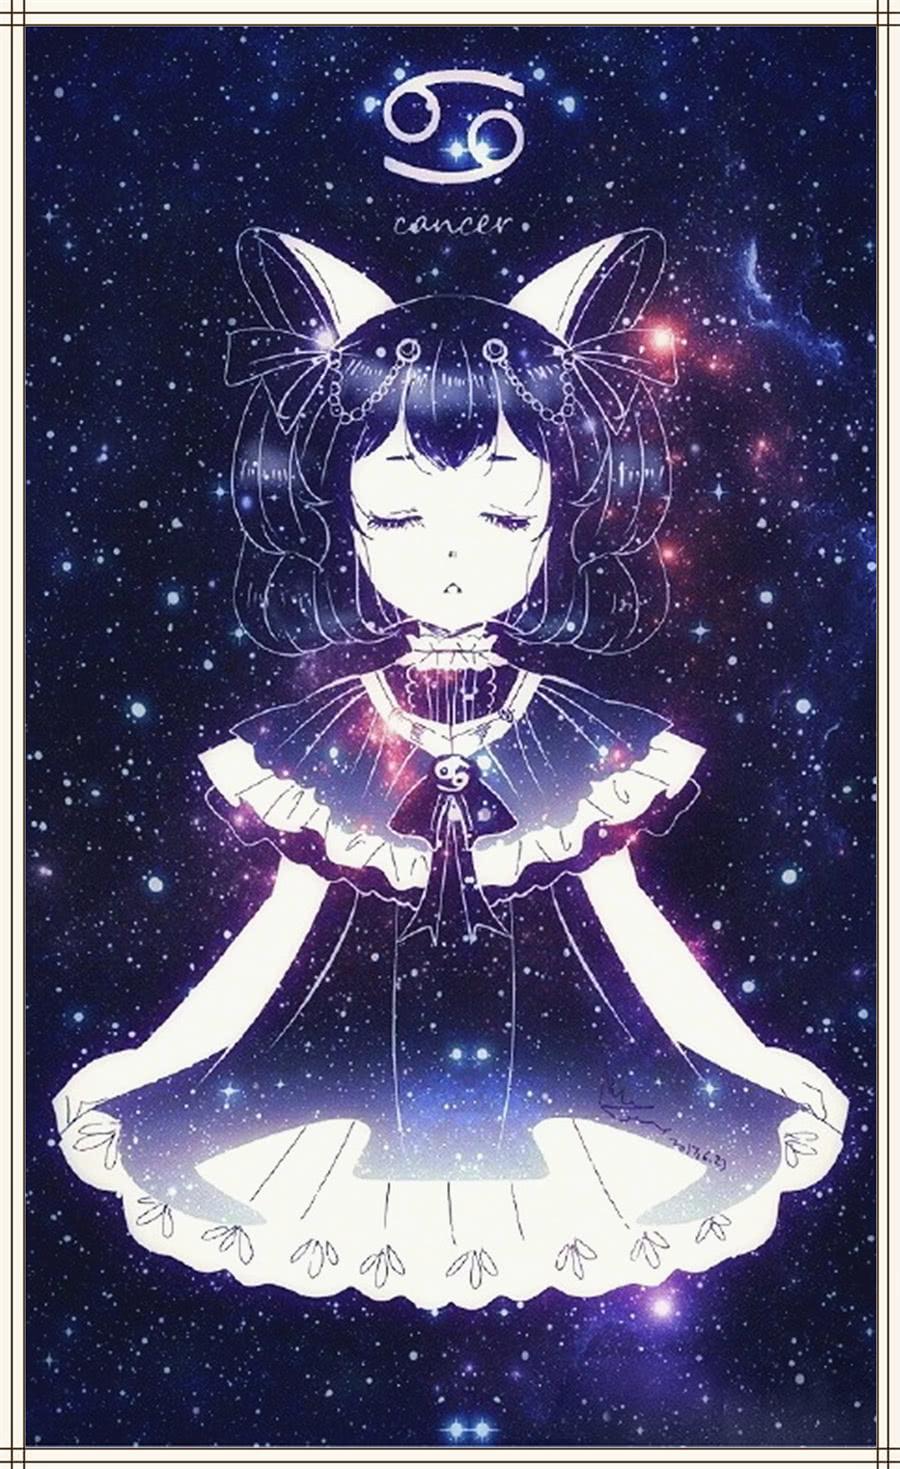 月亮手绘王者十二星座:小乔白羊座,孙尚香金牛座,巨蟹大佬金牛座女12宫图片